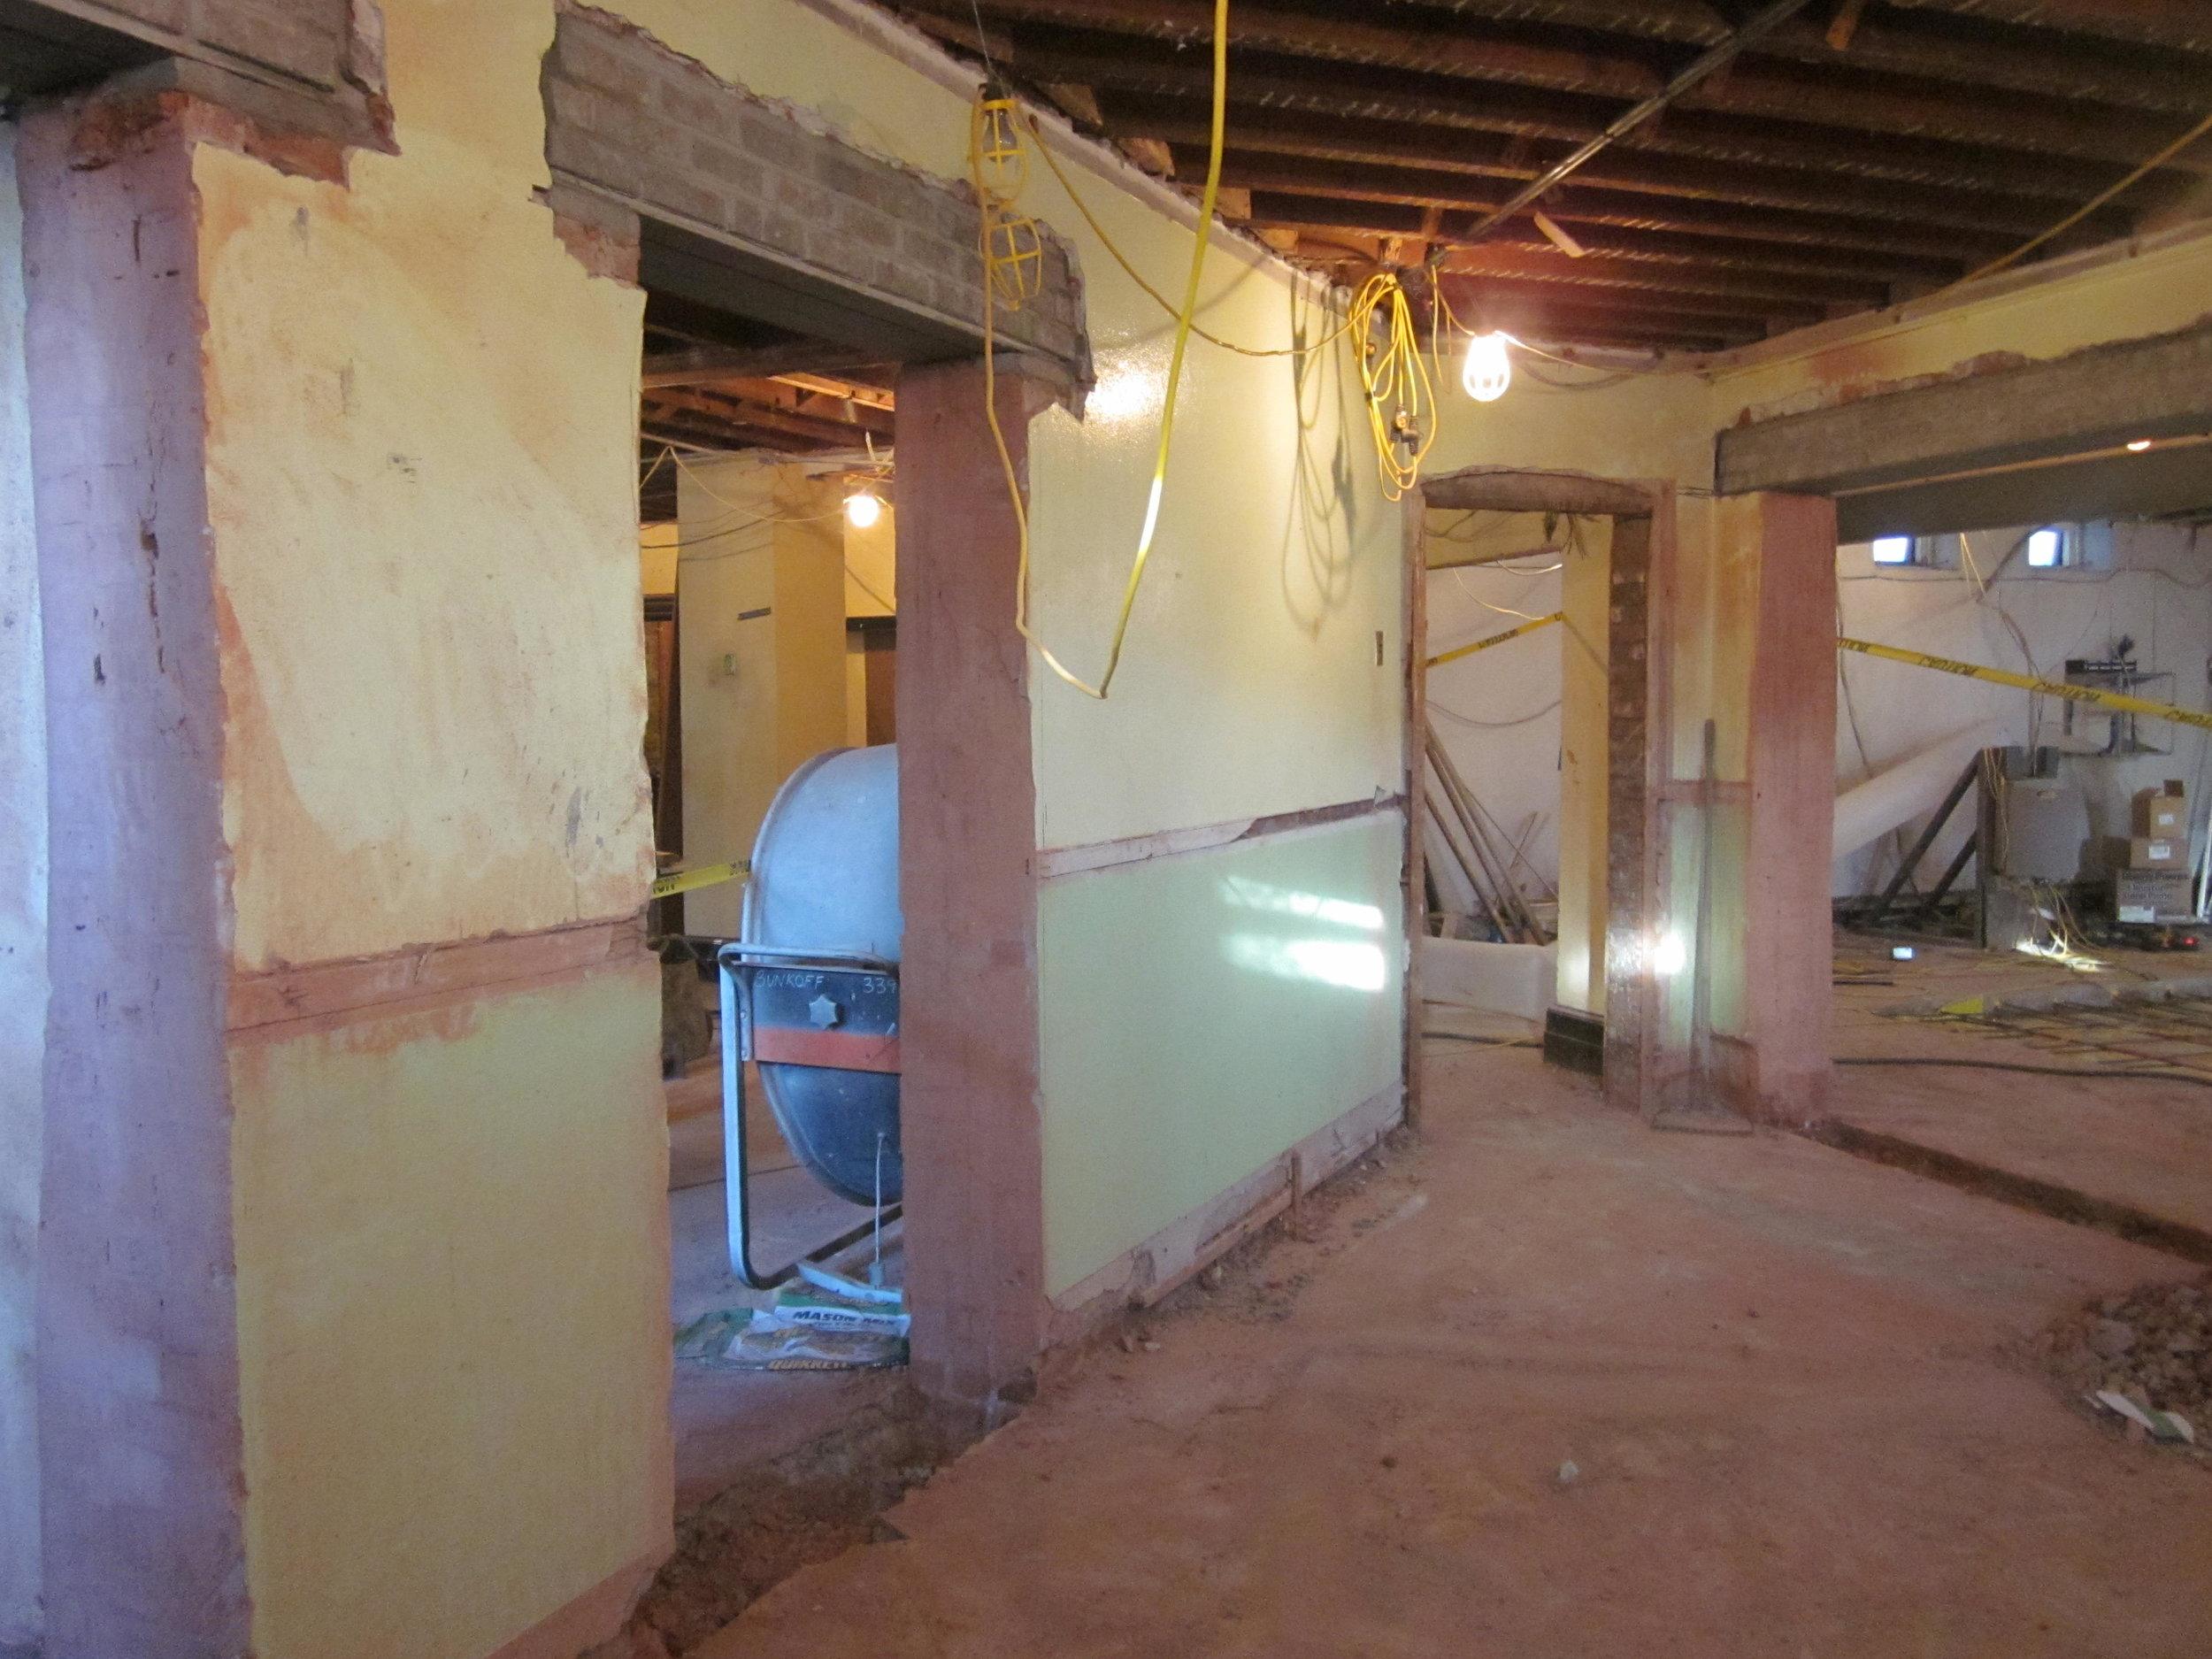 New doors, lower level